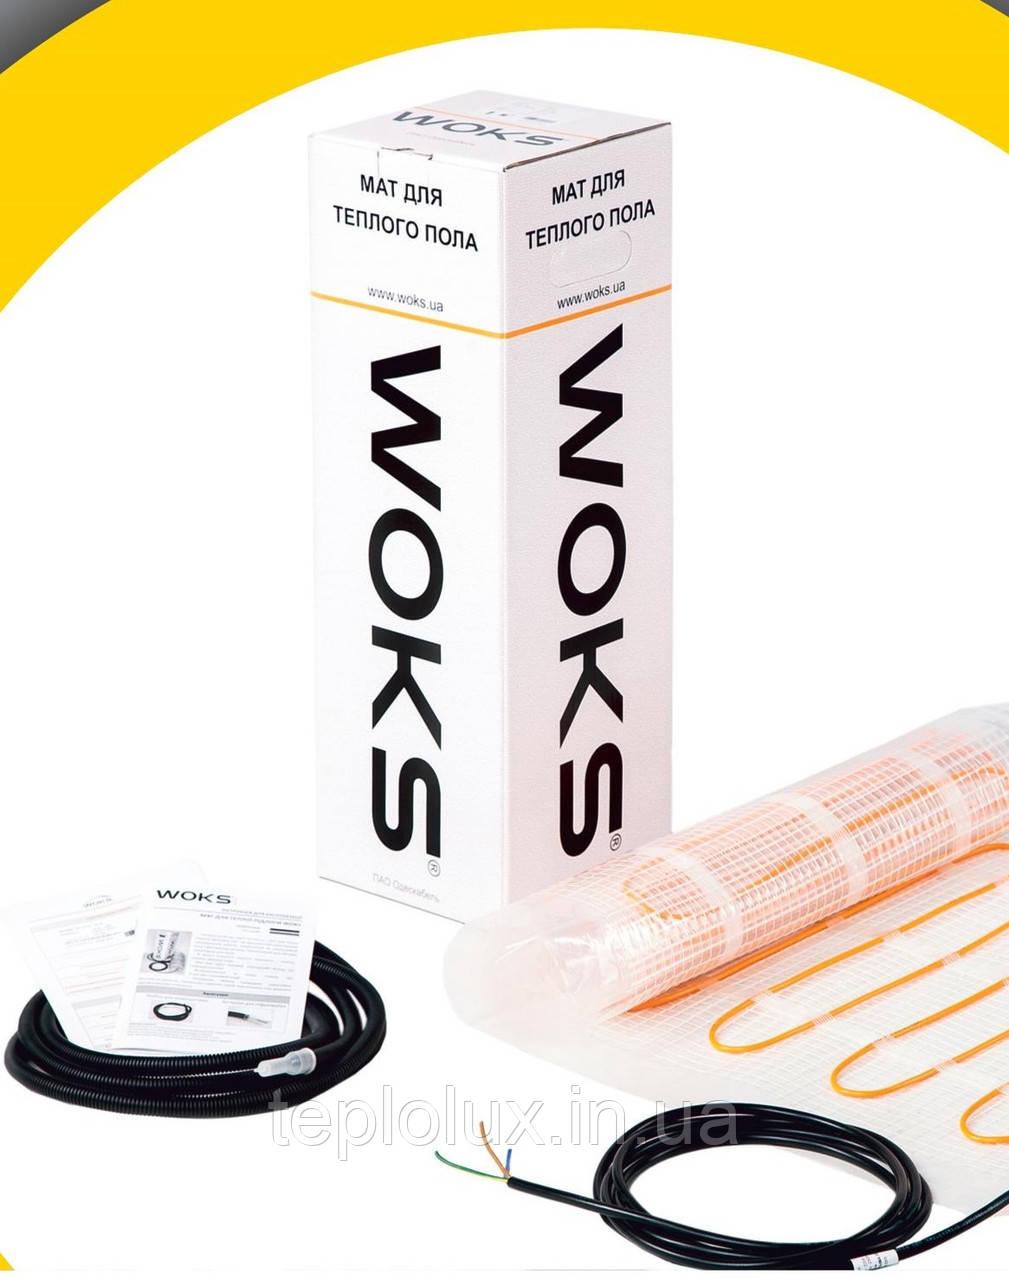 WoksMat 160 560 Вт (3,5 м2) з терморегулятором ,тонкий нагрівальний мат під плитку